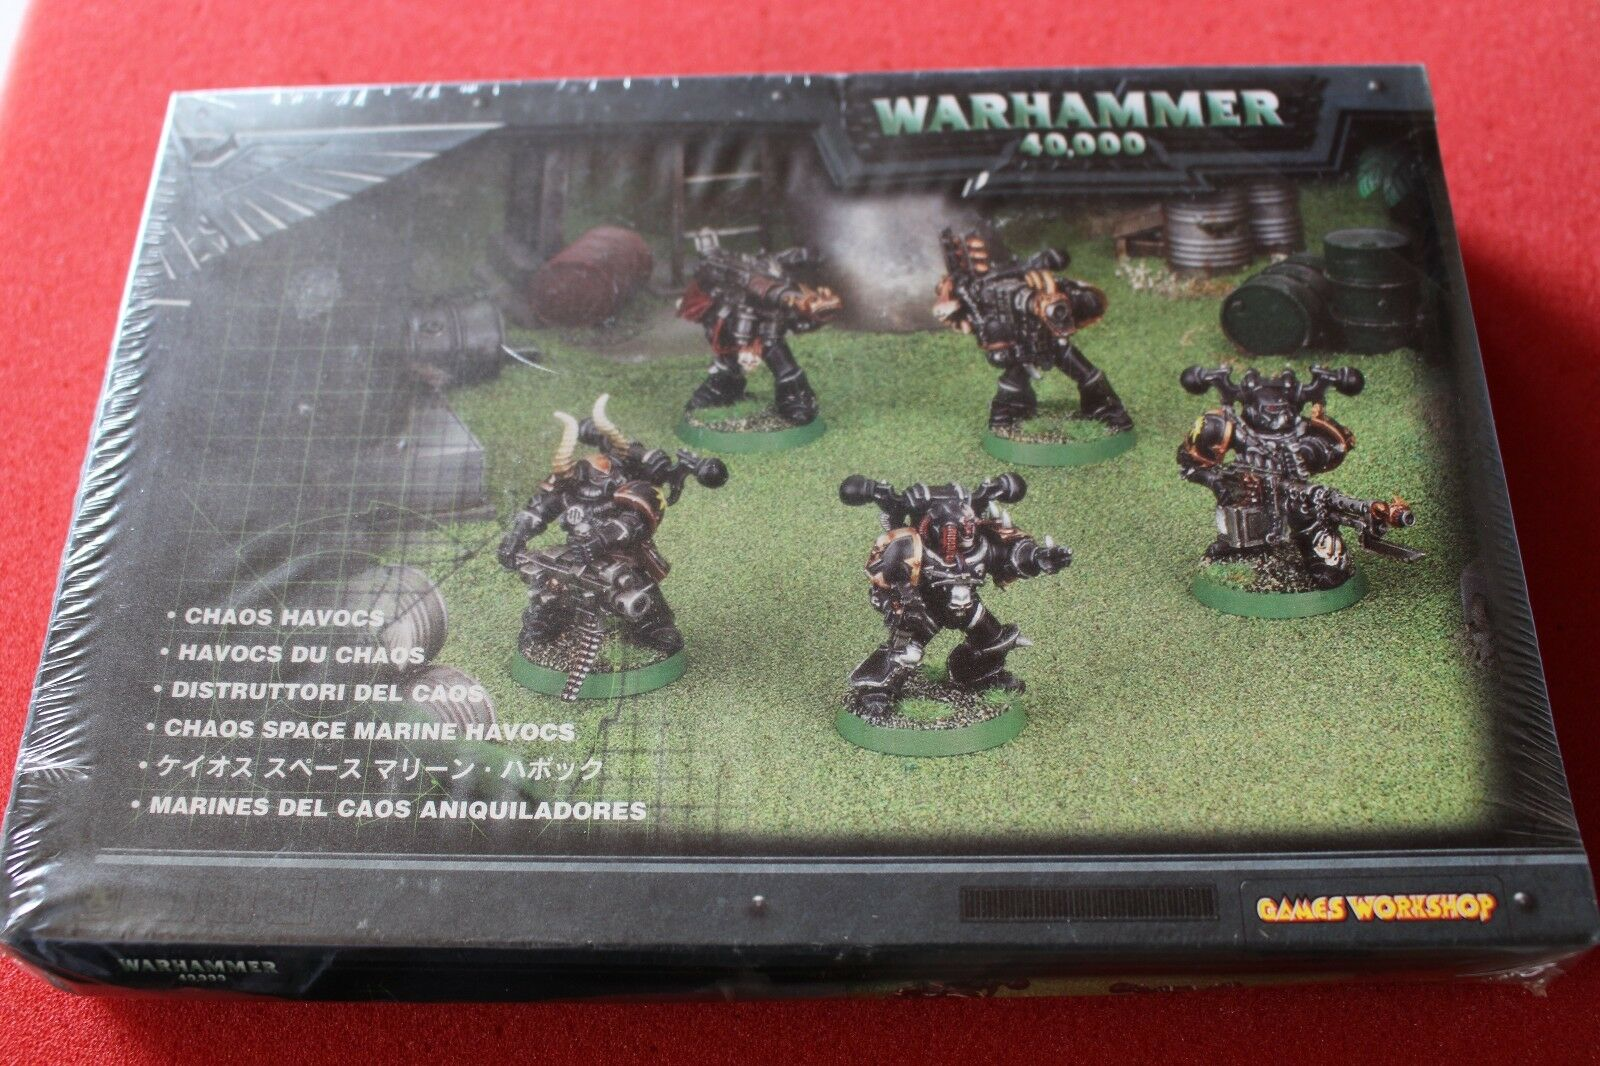 scegli il tuo preferito giocos lavoronegozio WARHAMMER 40k spazio Marine del del del Caos havocs Squad nuovo con scatola in mettuttio fuori catalogo GW  sport caldi